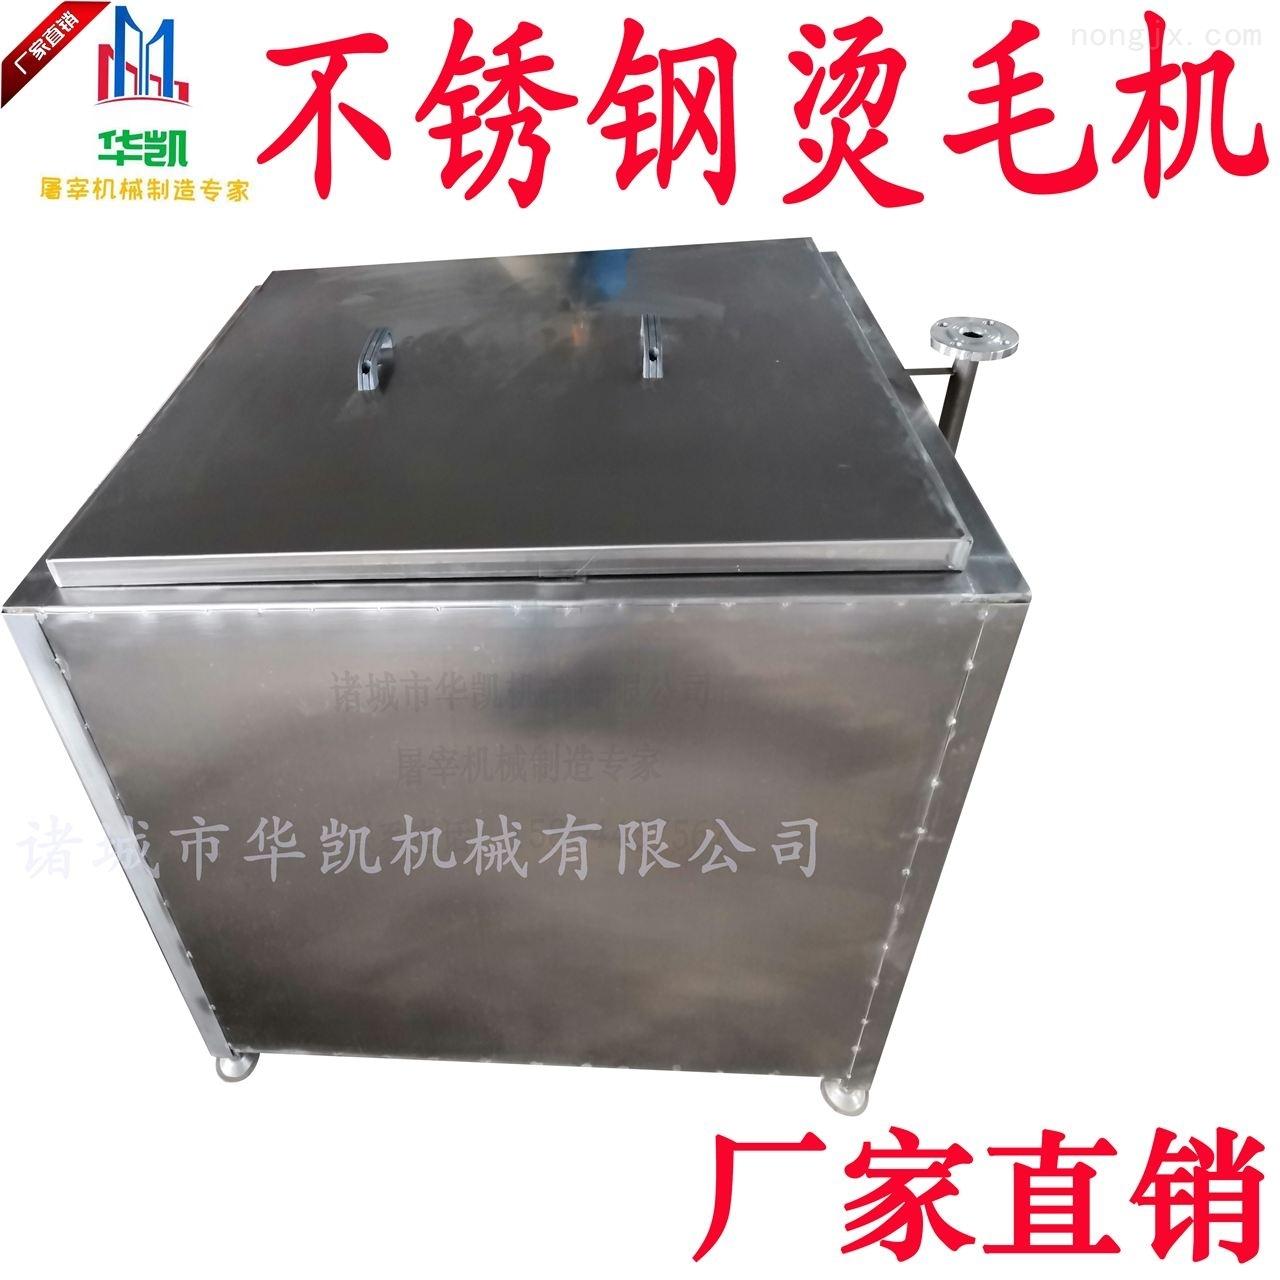 不锈钢蒸汽加热羊烫池烫毛机电加热方形煮锅